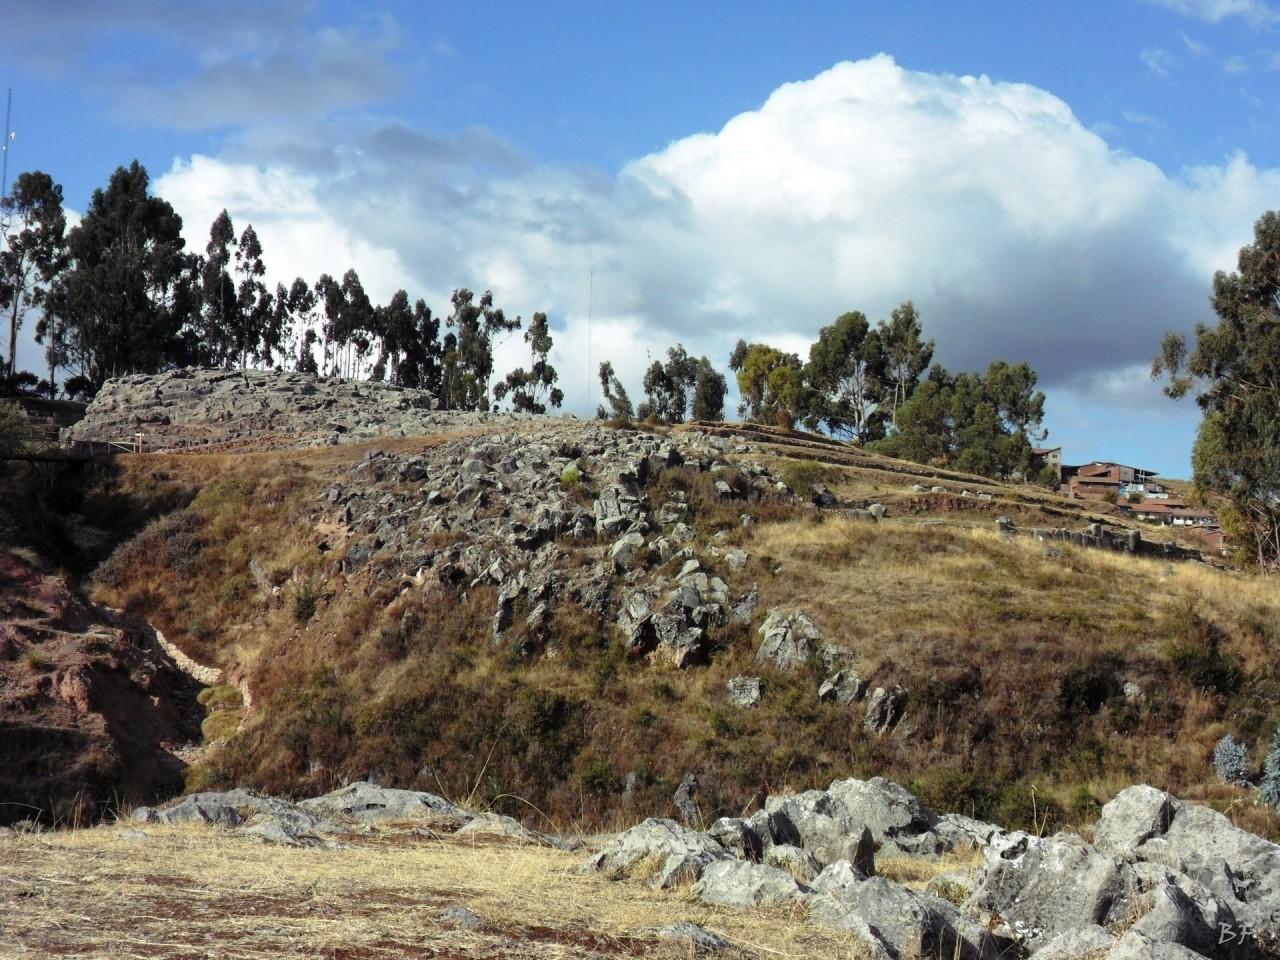 Qenqo-Chico-Altari-Mura-Poligonali-Megaliti-Cusco-Perù-6